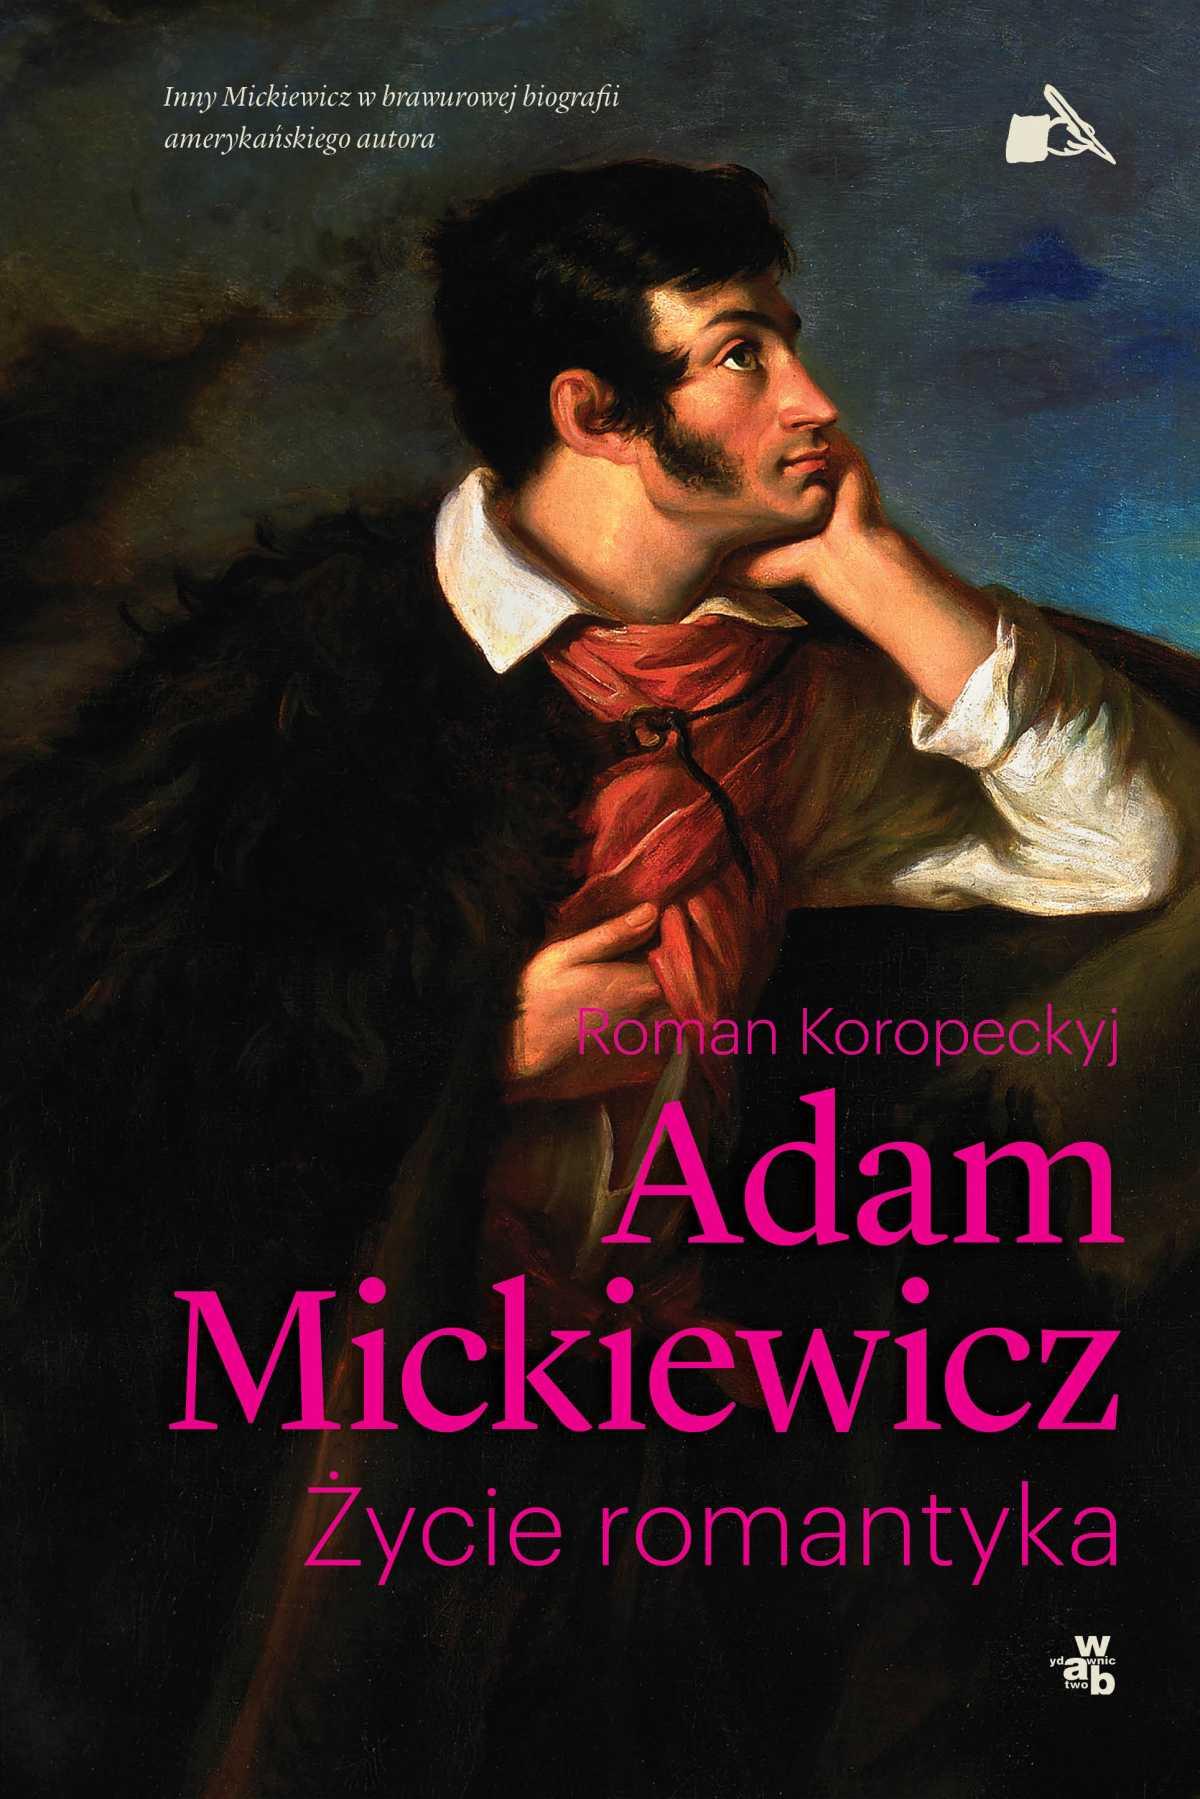 Mickiewicz. Życie romantyka - Ebook (Książka EPUB) do pobrania w formacie EPUB